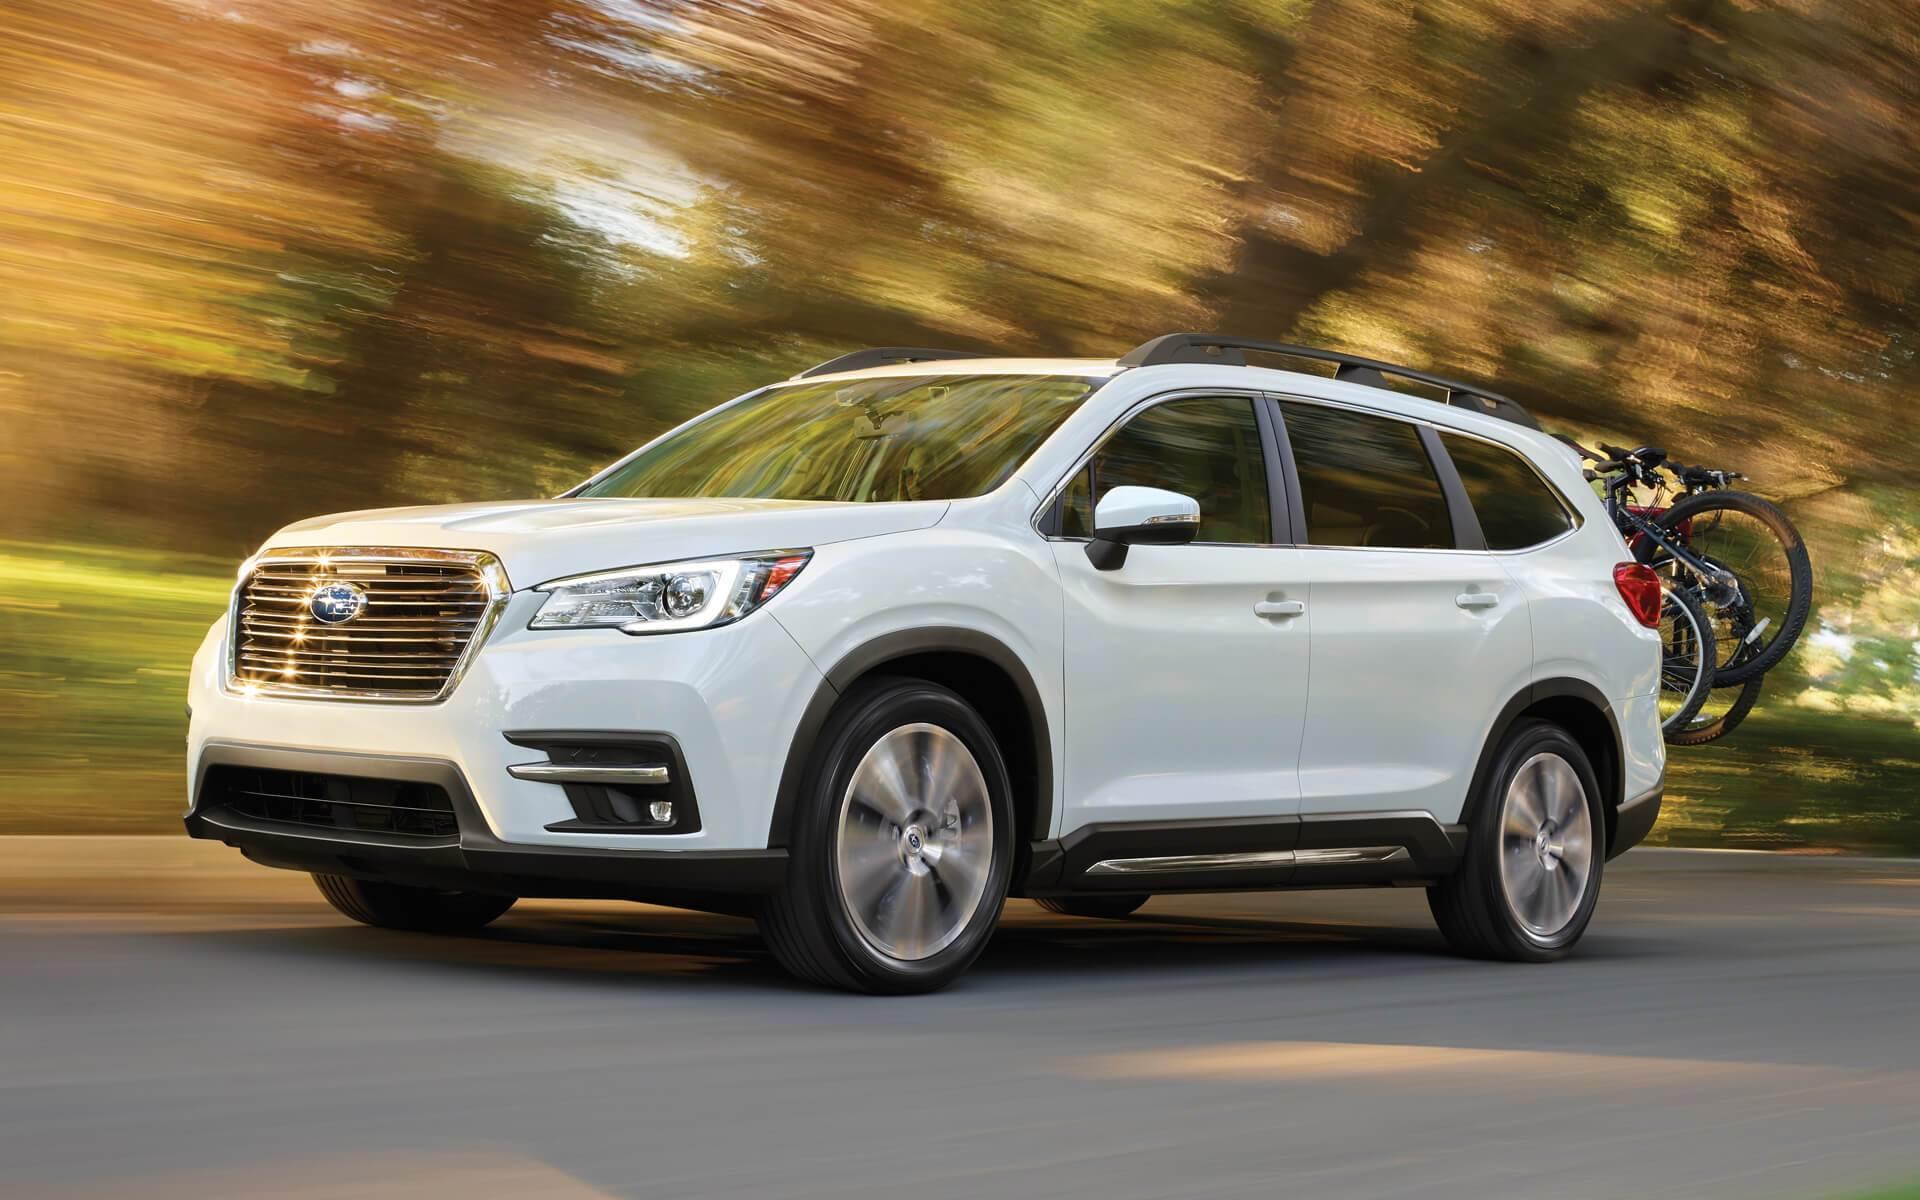 2019 Subaru Ascent for Sale near Roseville, IL